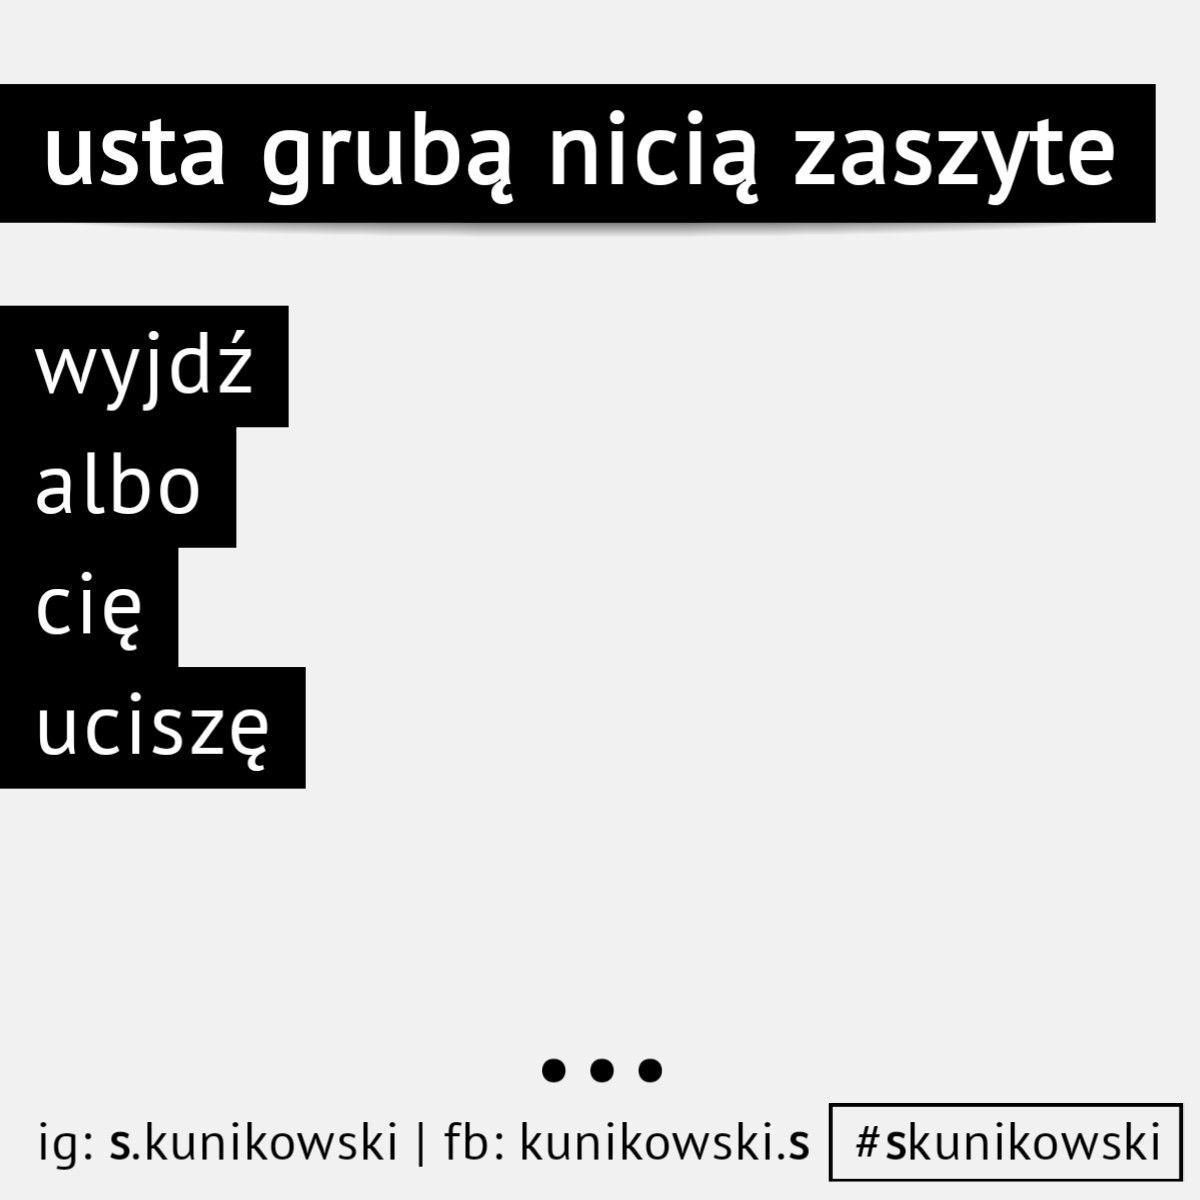 Poezja Wiersz Wiersze Cytat Sztuka Słowo Tumblr